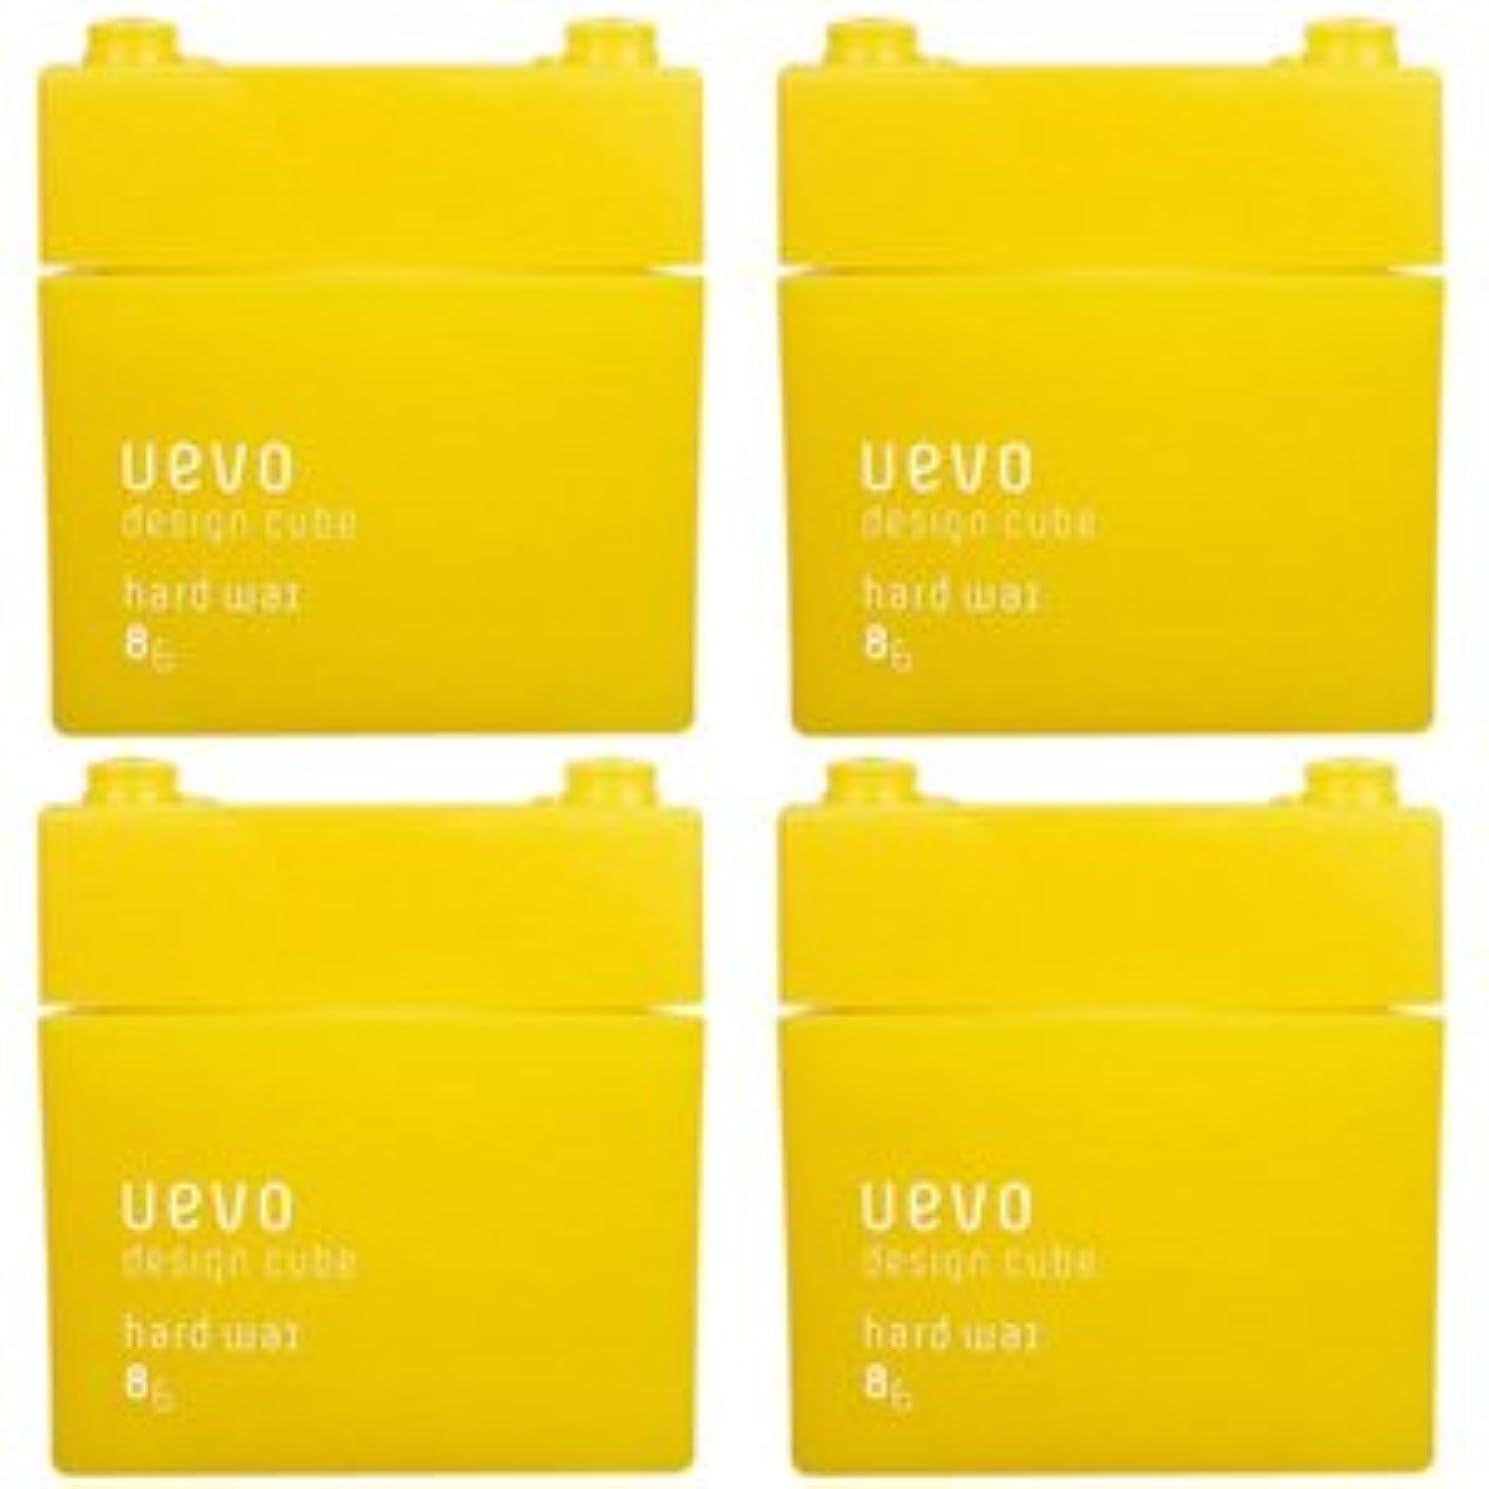 感じアームストロング同情【X4個セット】 デミ ウェーボ デザインキューブ ハードワックス 80g hard wax DEMI uevo design cube